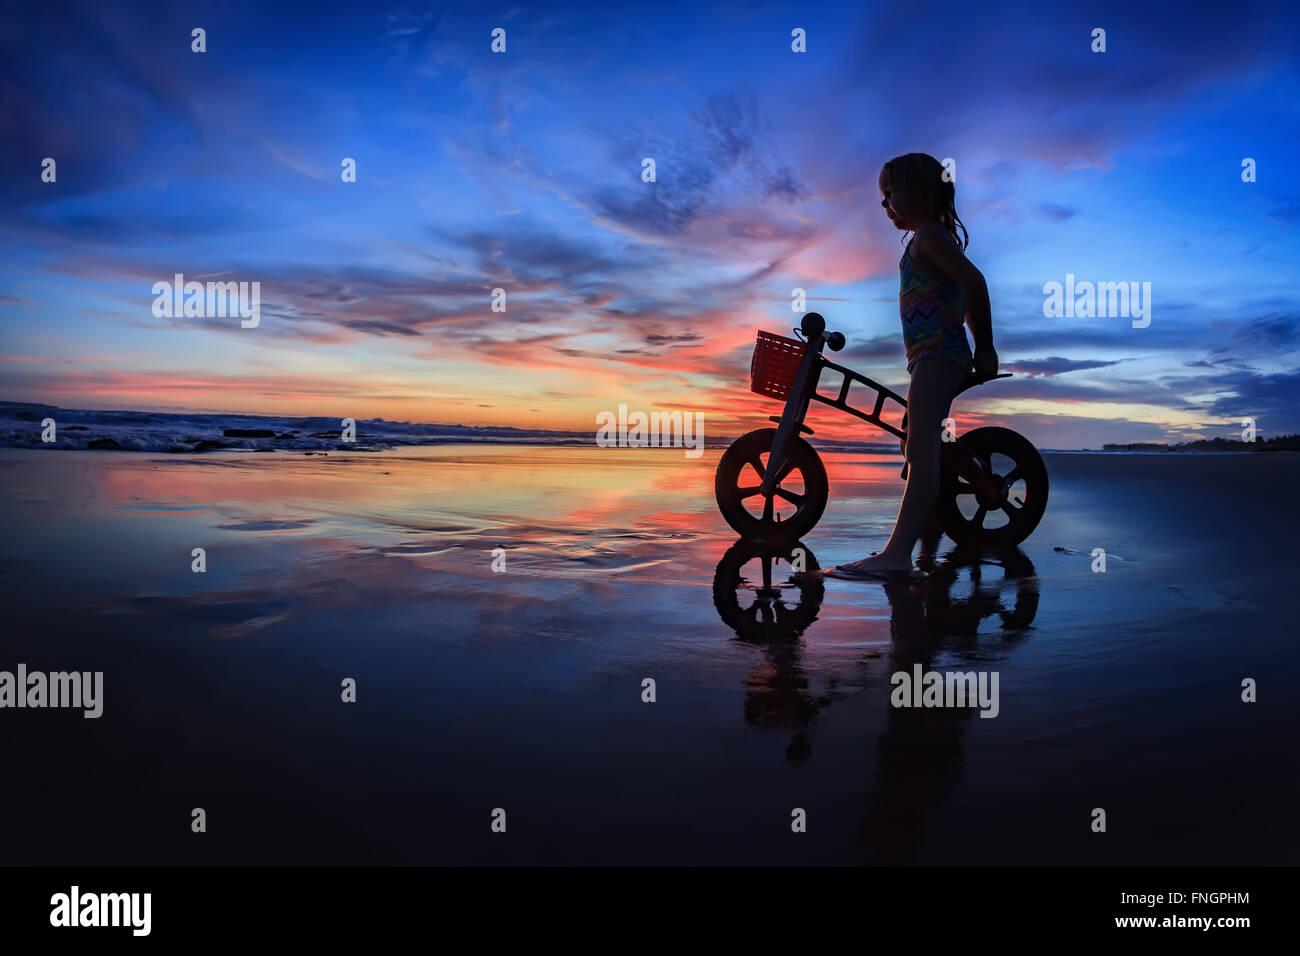 Silhouette noire du petit enfant - run bike rider debout sur le sable humide, regardez en mer et surf sunset sky Photo Stock